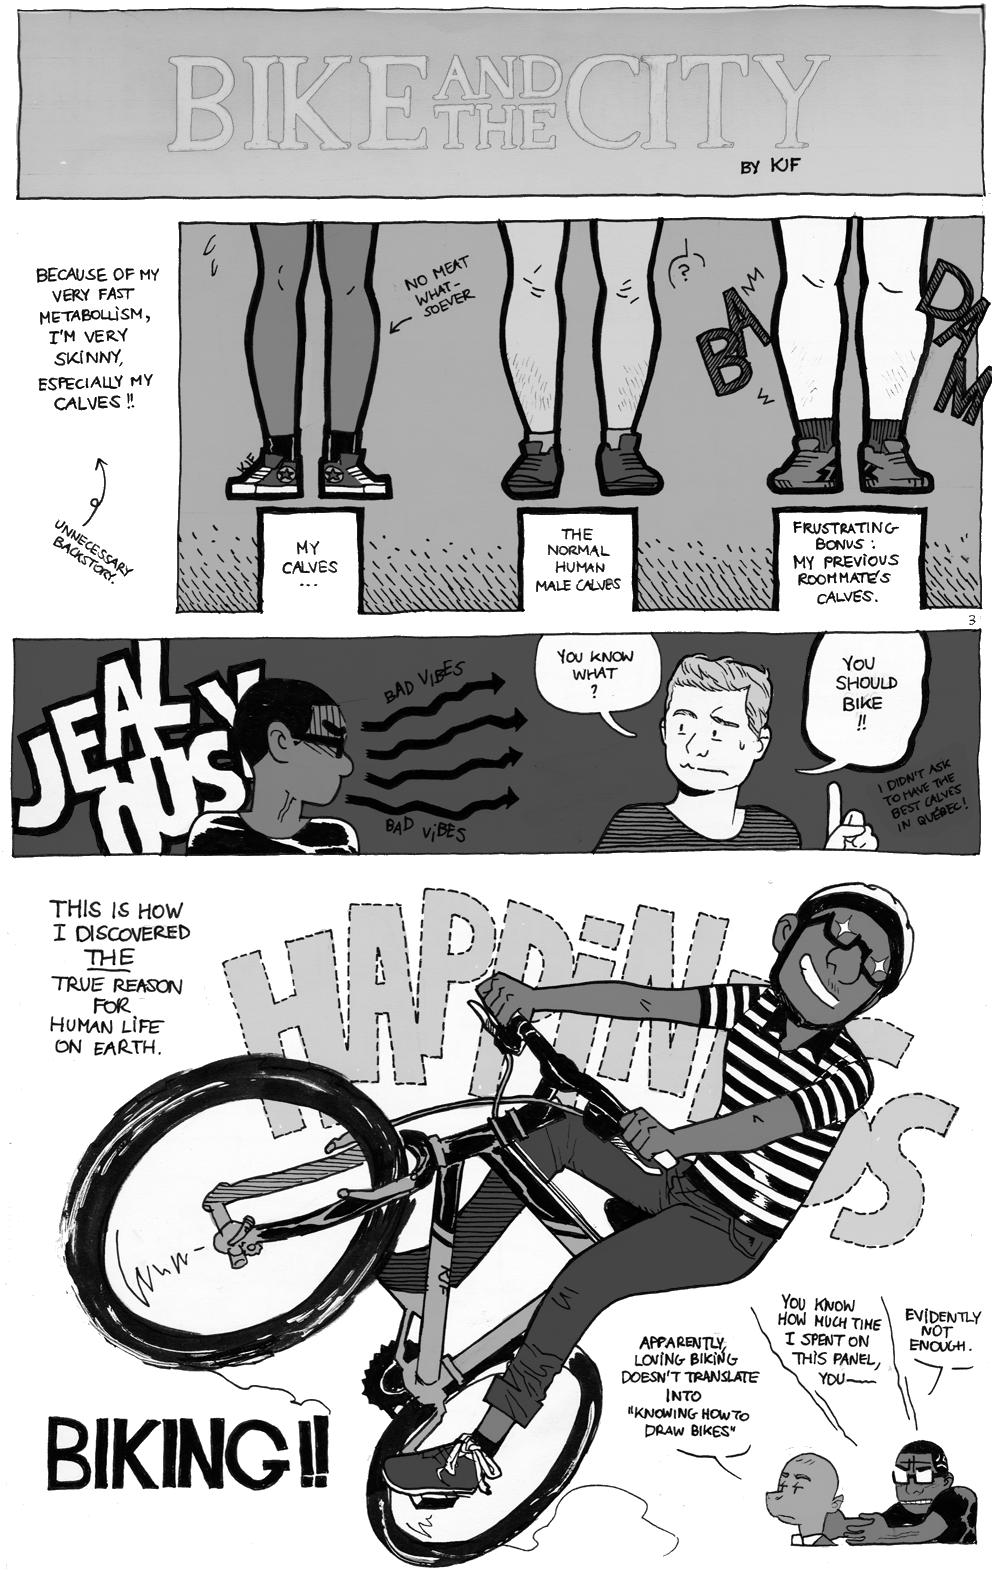 BGC-Bike3.png